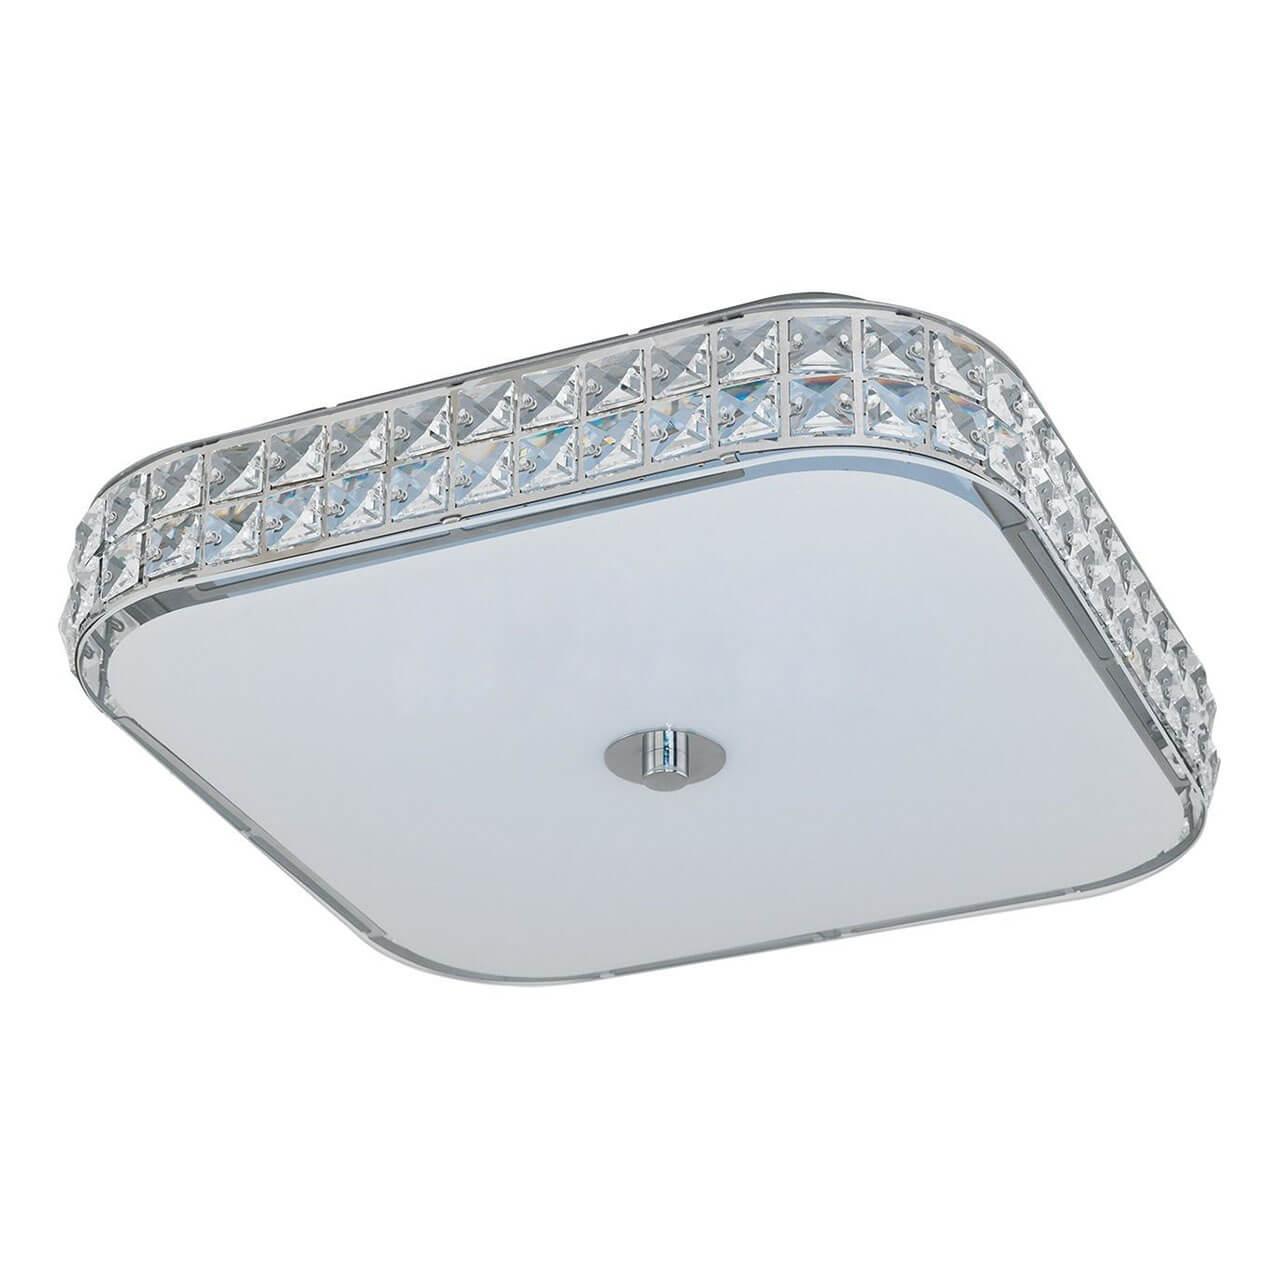 Потолочный светодиодный светильник Eglo Cardillio 96004 цена в Москве и Питере